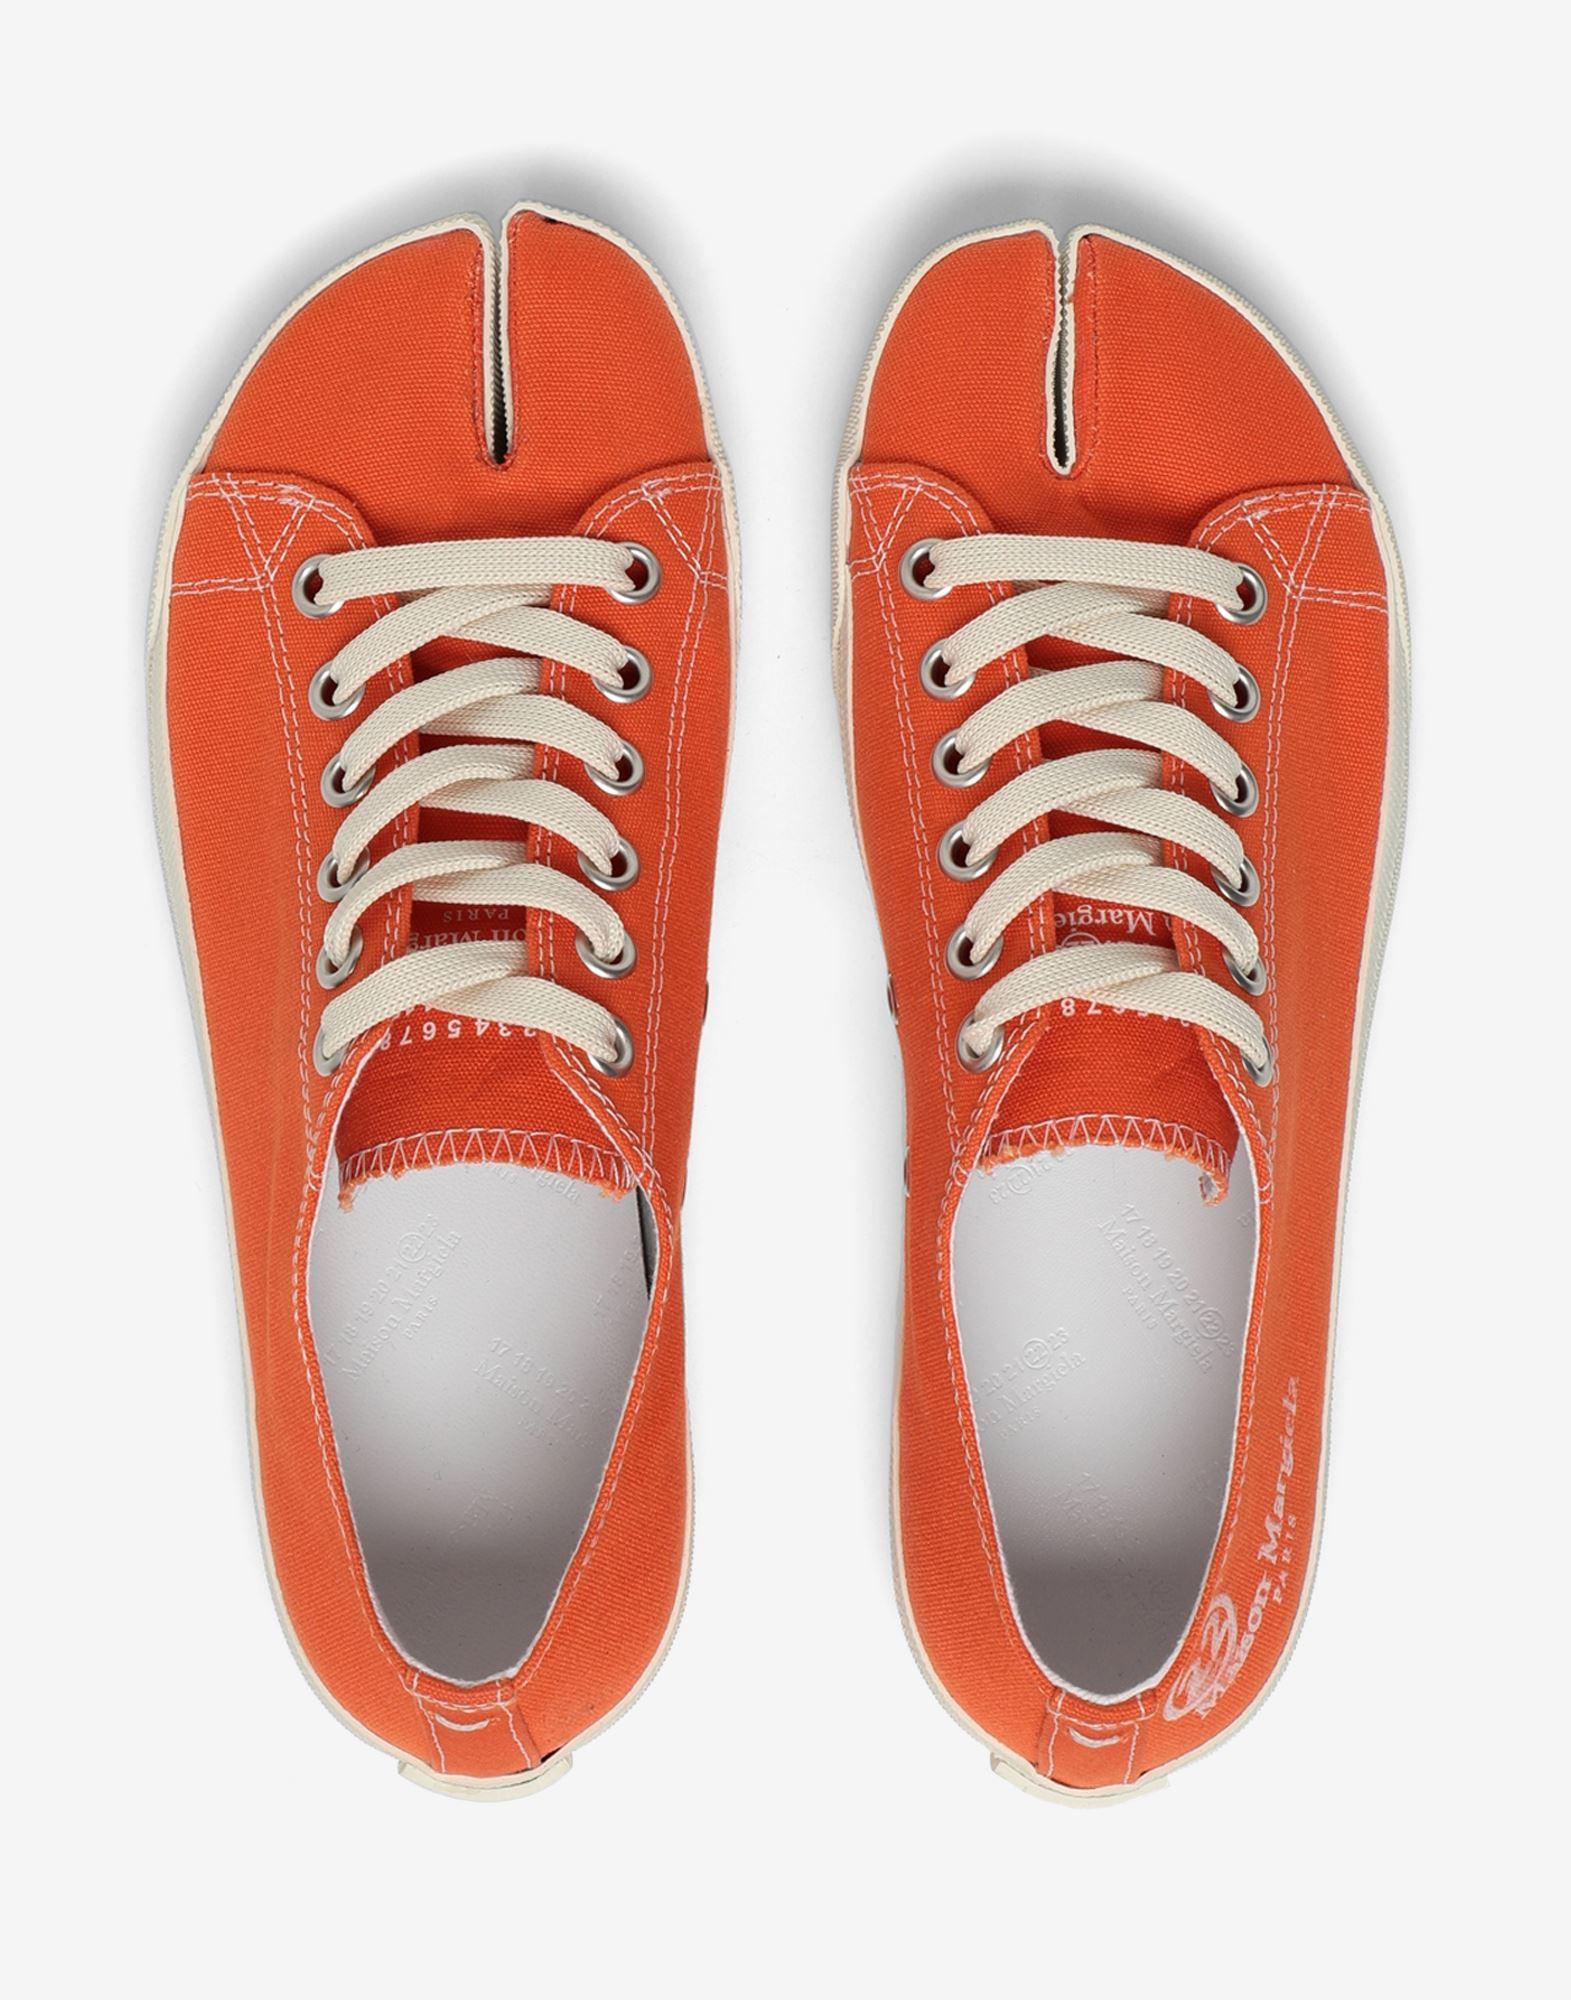 MAISON MARGIELA Низкие кроссовки Tabi из парусины Sneakers Tabi Для Женщин d